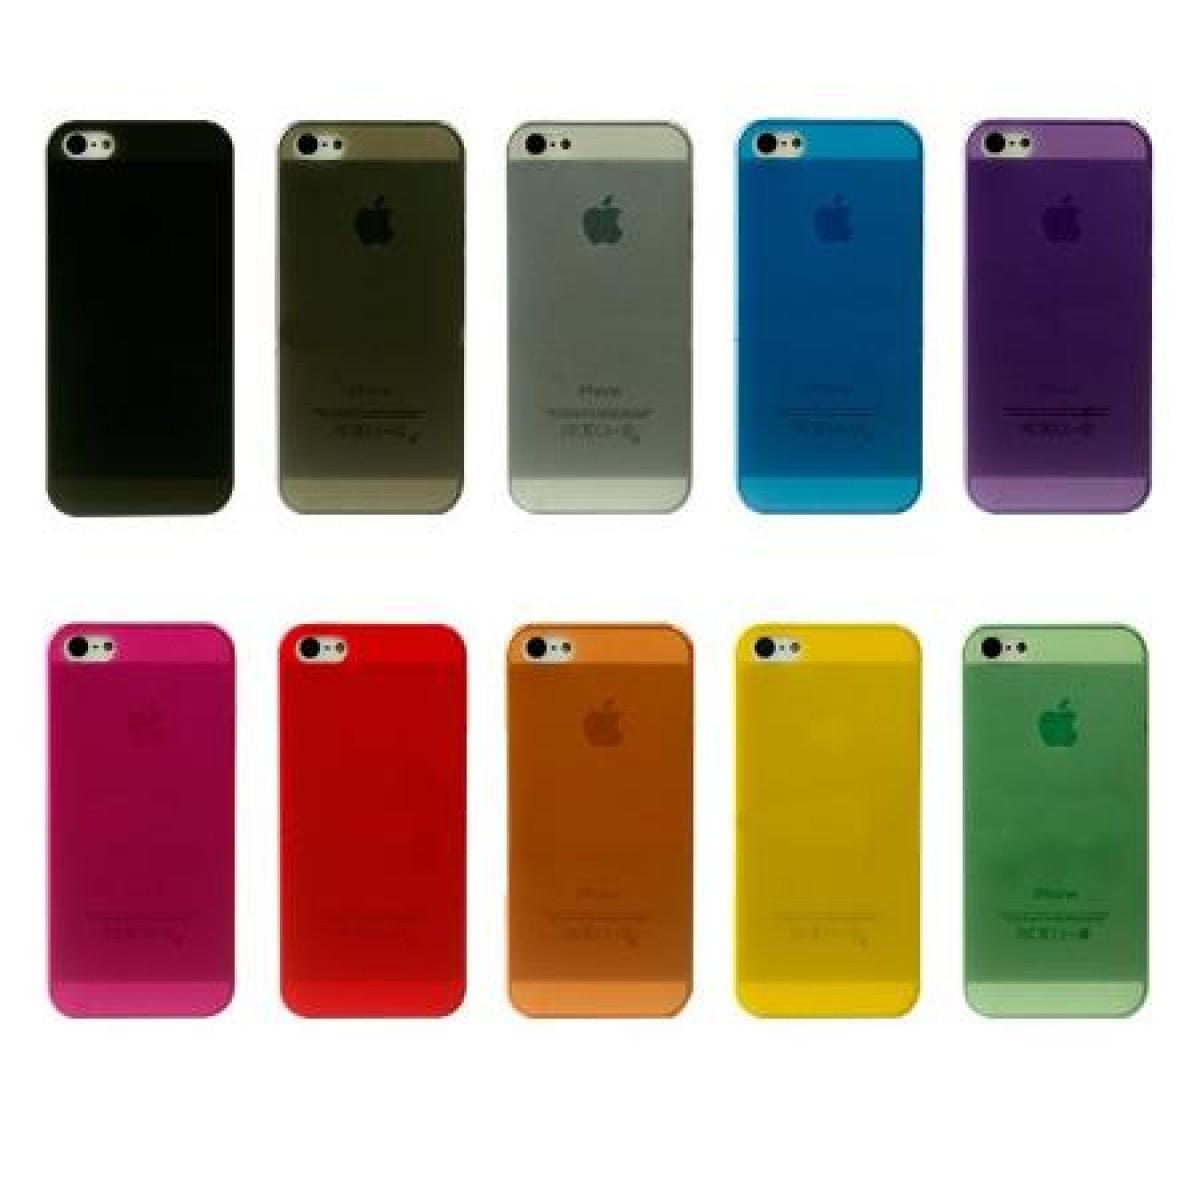 Iphone 5 5s Fosca 0,5mm - Super Fina - Capas para Celular iPhone 5 ...